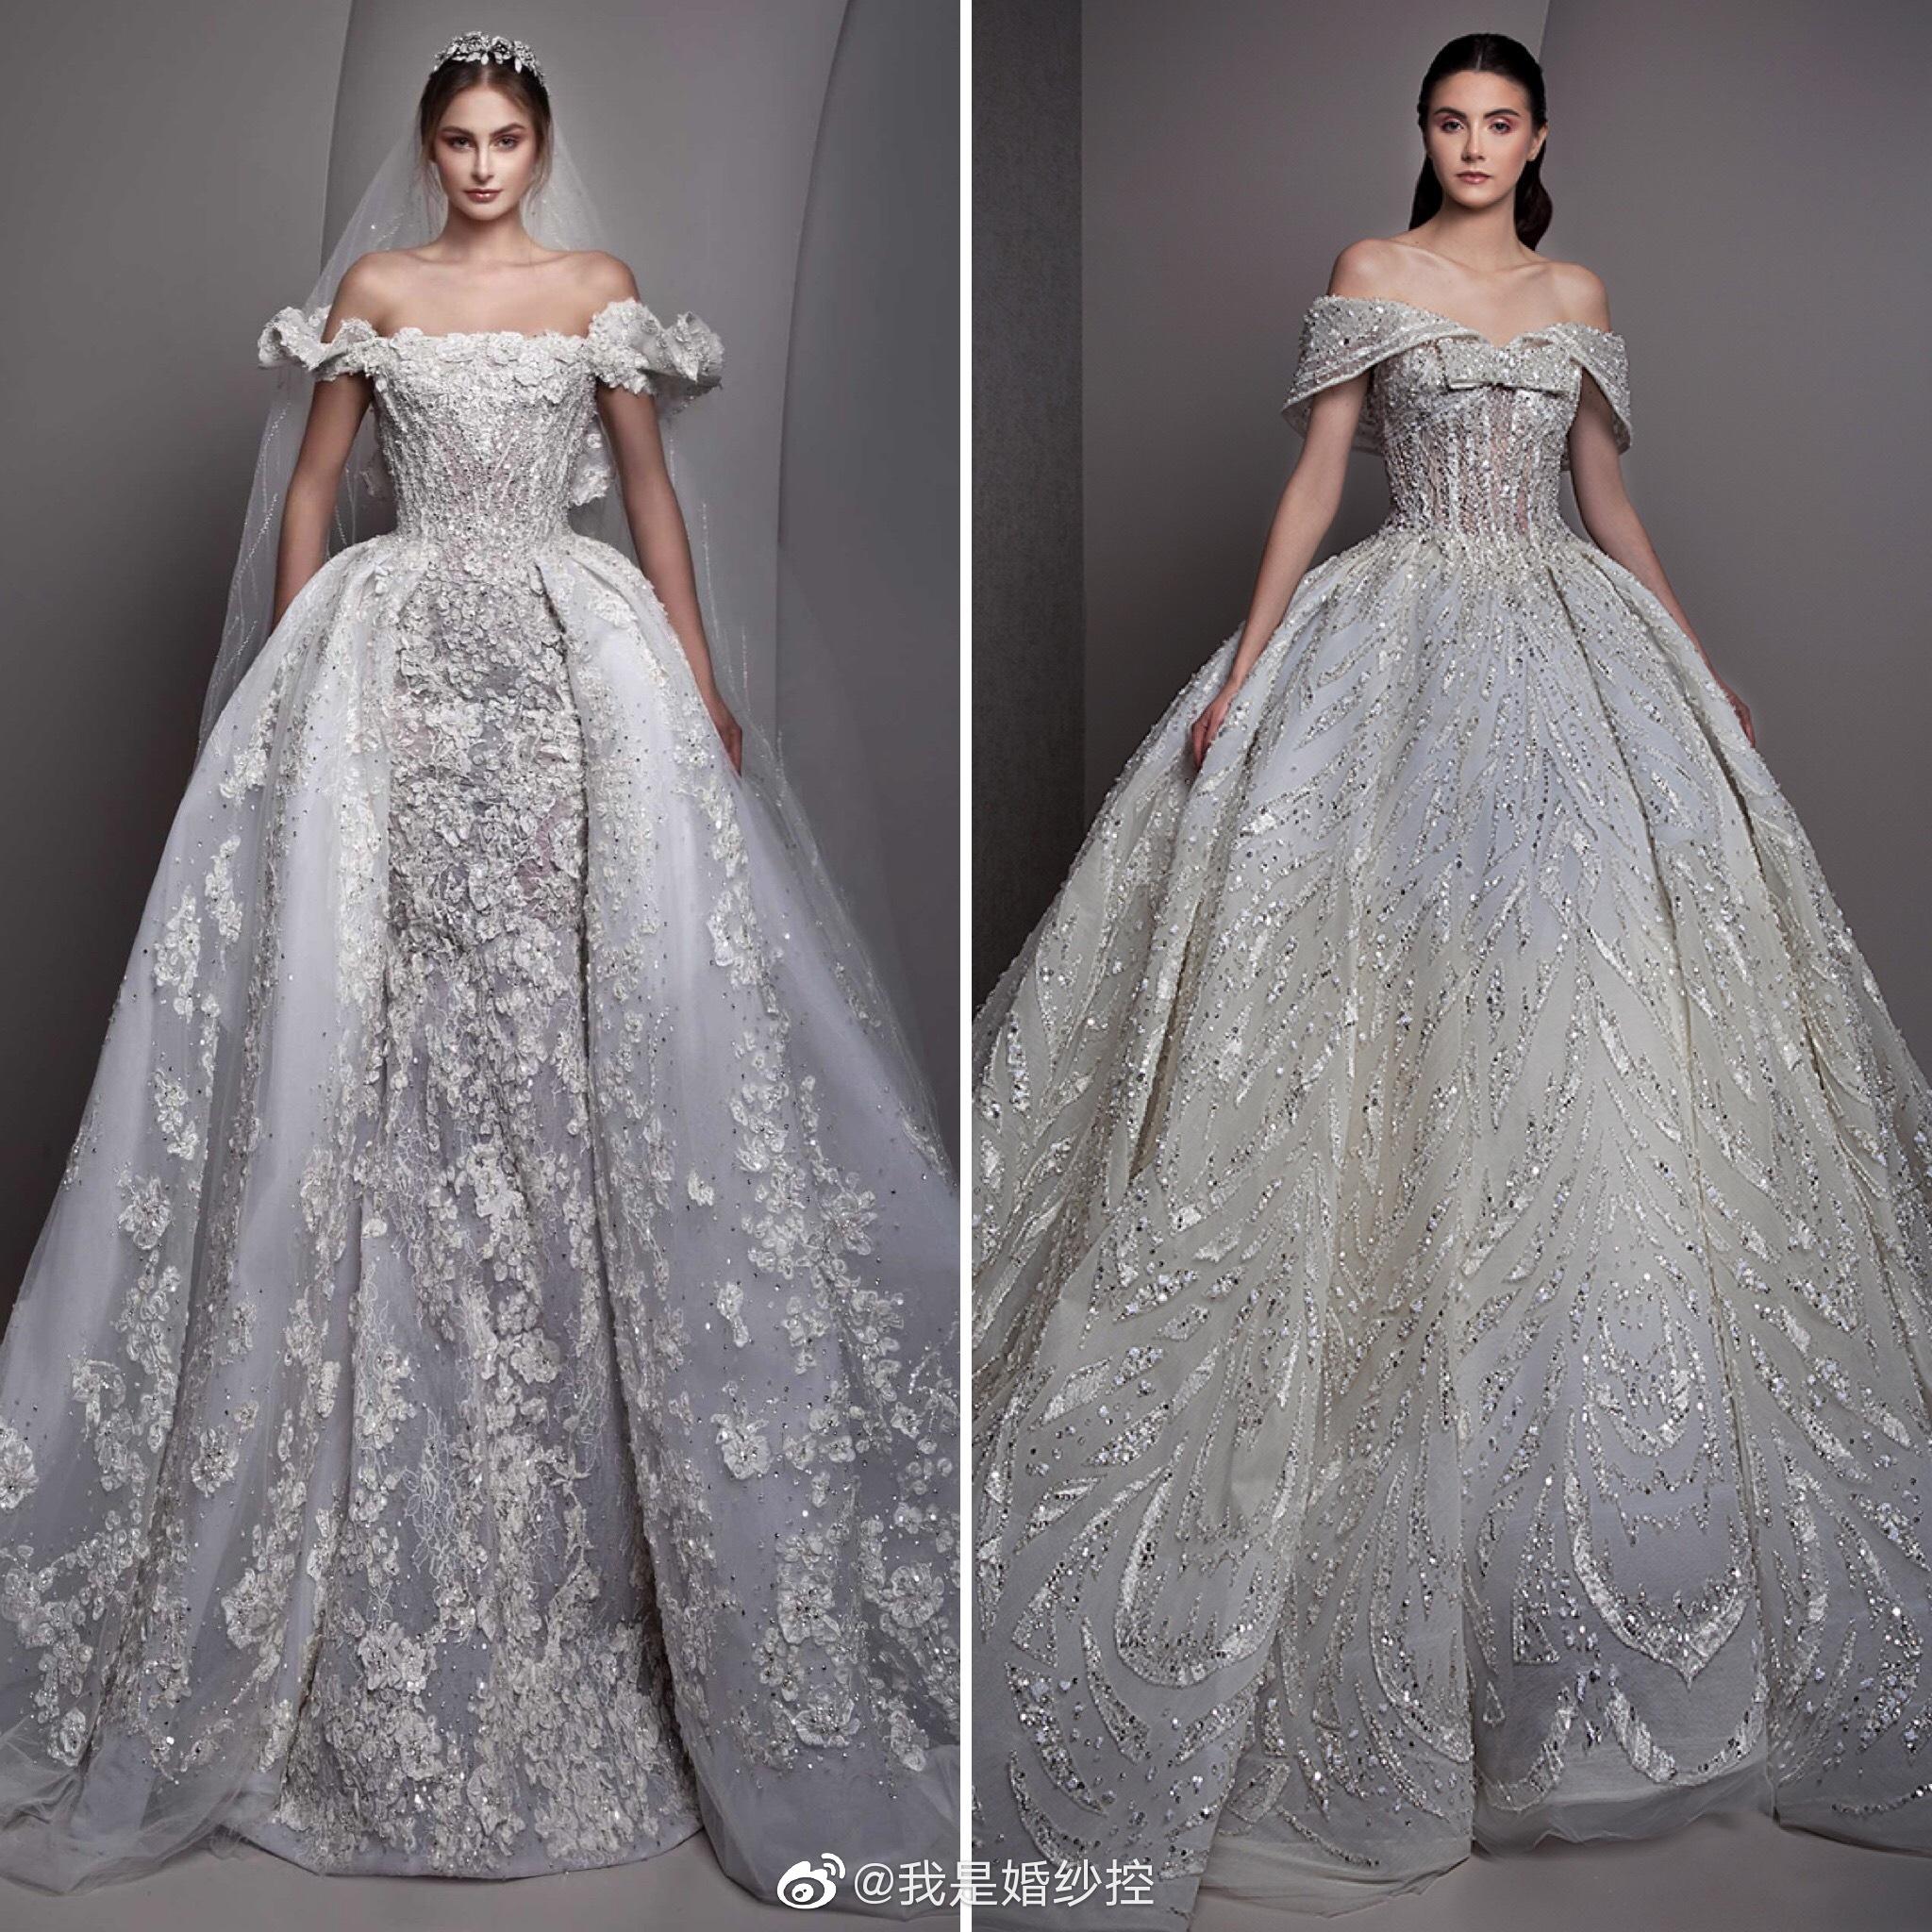 浓浓的中东宫廷气息来自黎巴嫩高定Ziad Nakad 2019婚纱系列